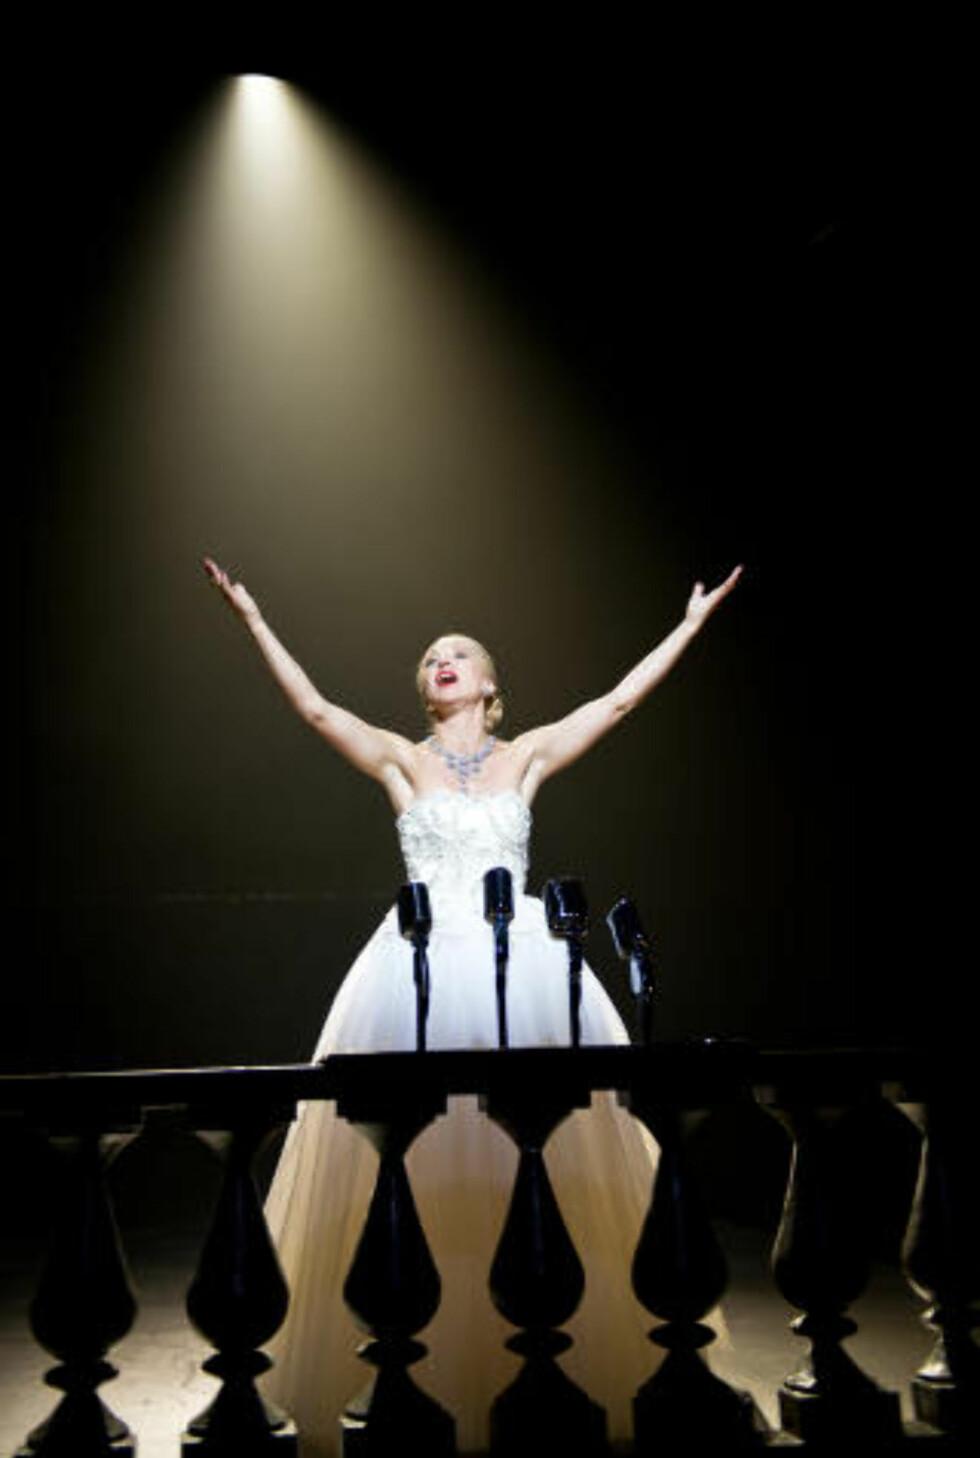 AMBISJONER: Selv som døende er Evita ambisiøs. Forskjellen er bare at makt og penger ikke lenger er nok: Hun vil overskride det og vinne ikonstatus. Bli Argentina. Foto: Erik Aavatsmark